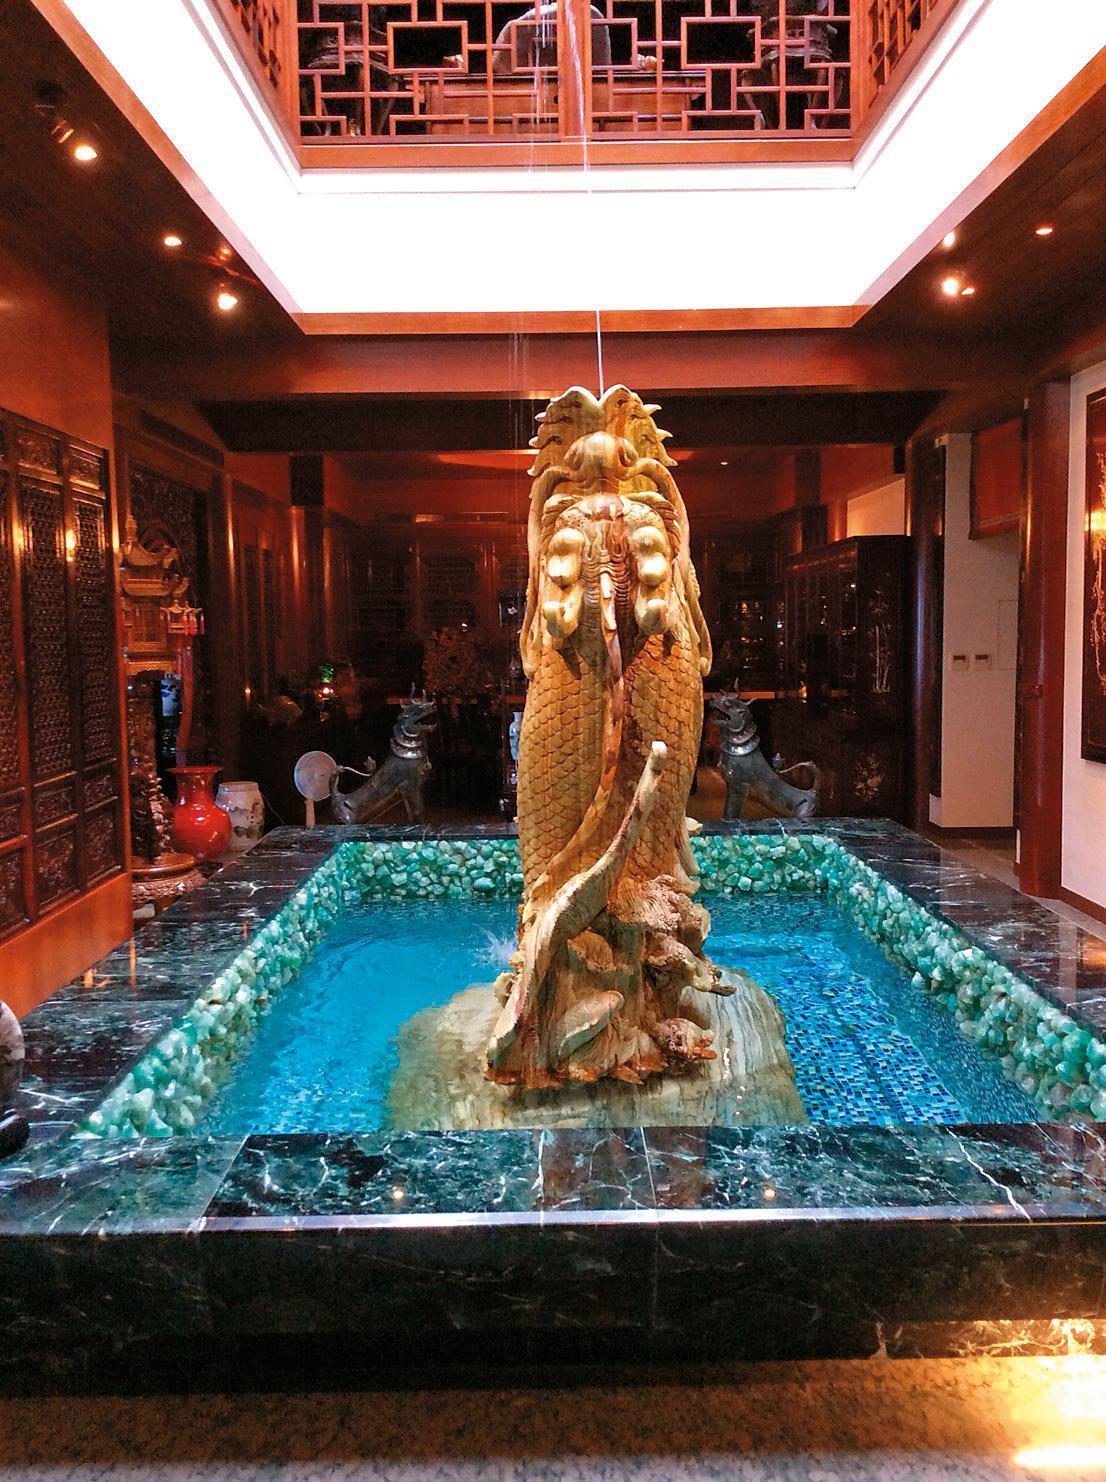 桂蓮園中央天井有座昂首金龍的噴水池,象徵家族活力源源不絕。(讀者提供)